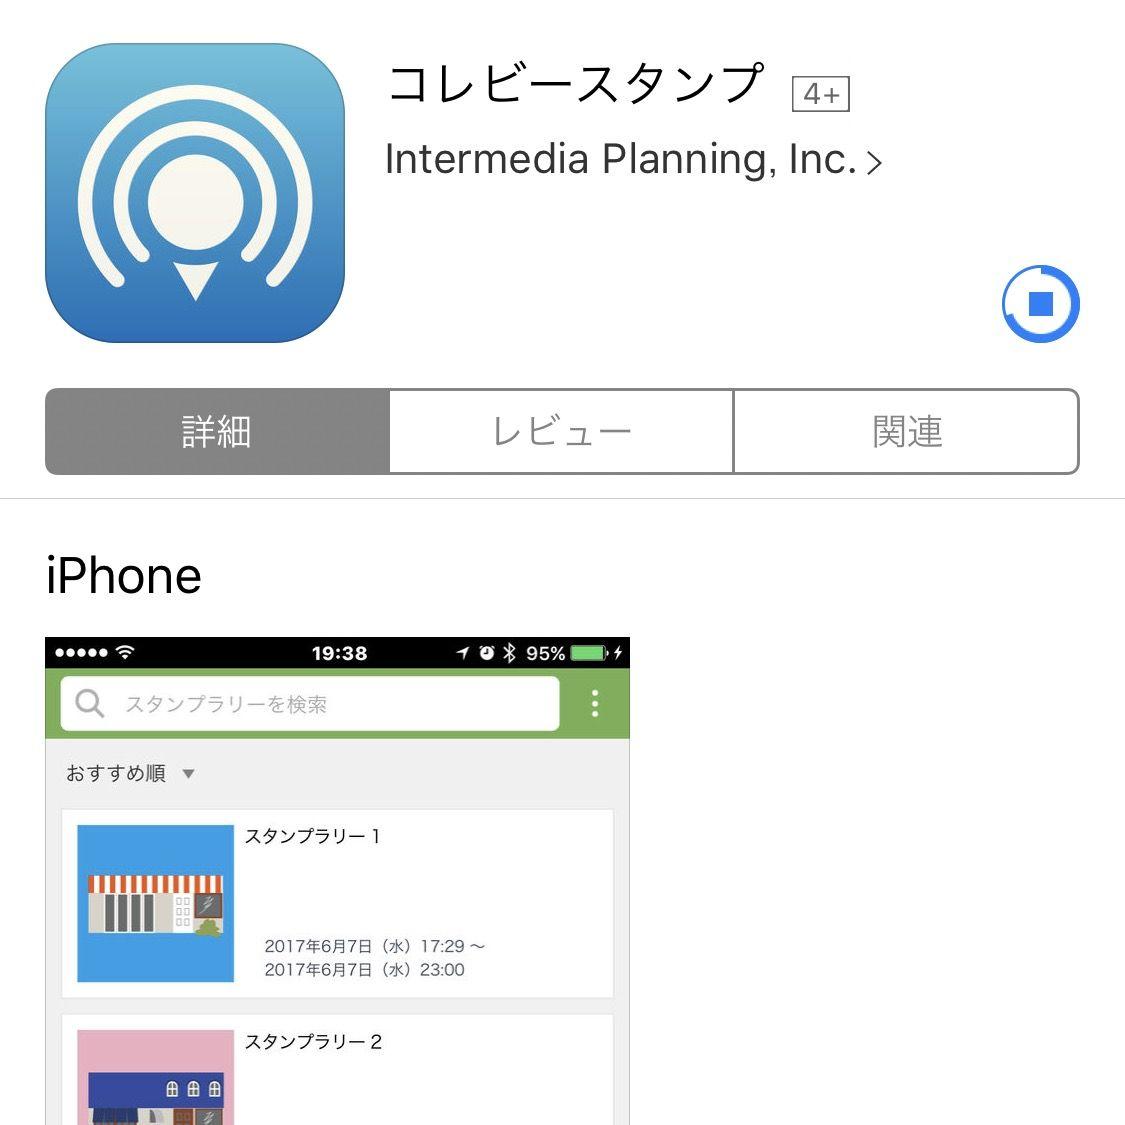 シモキタトライアングル専用アプリ